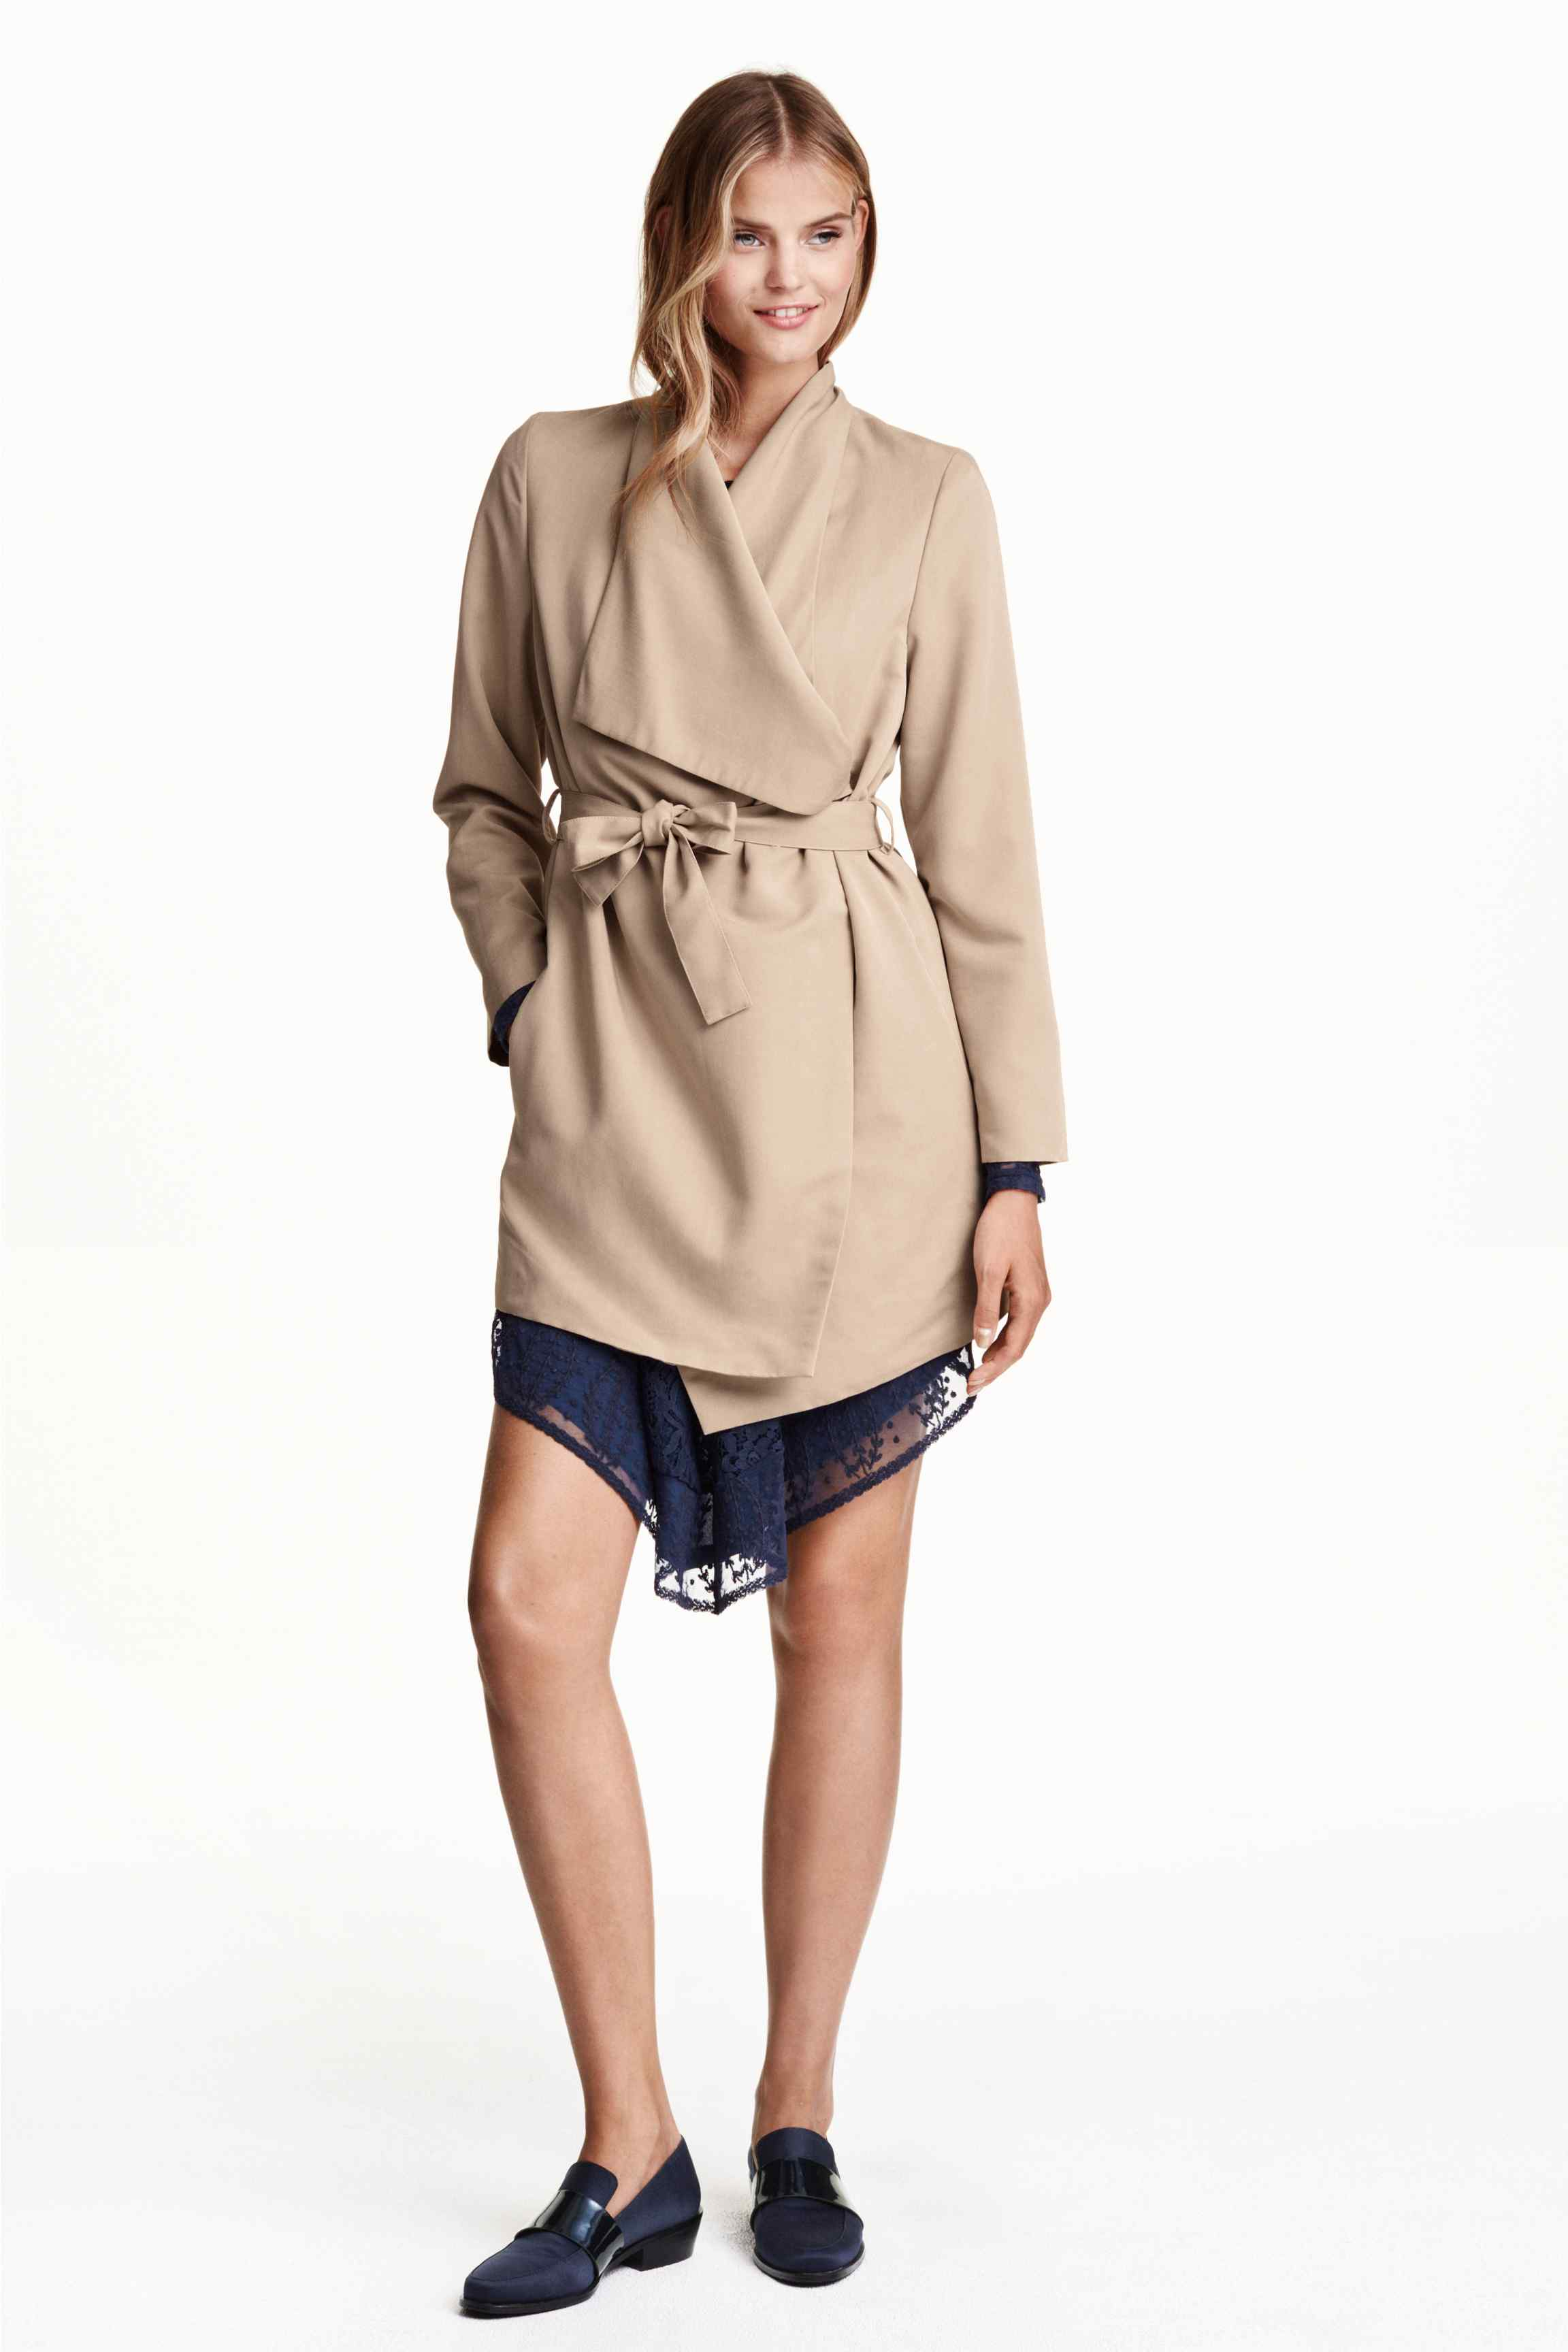 30_Trench H&M, tessuto leggermente strutturato. Revers drappeggiati davanti, chiusura con bottone automatico nascosto (49,99 € sullo store online)